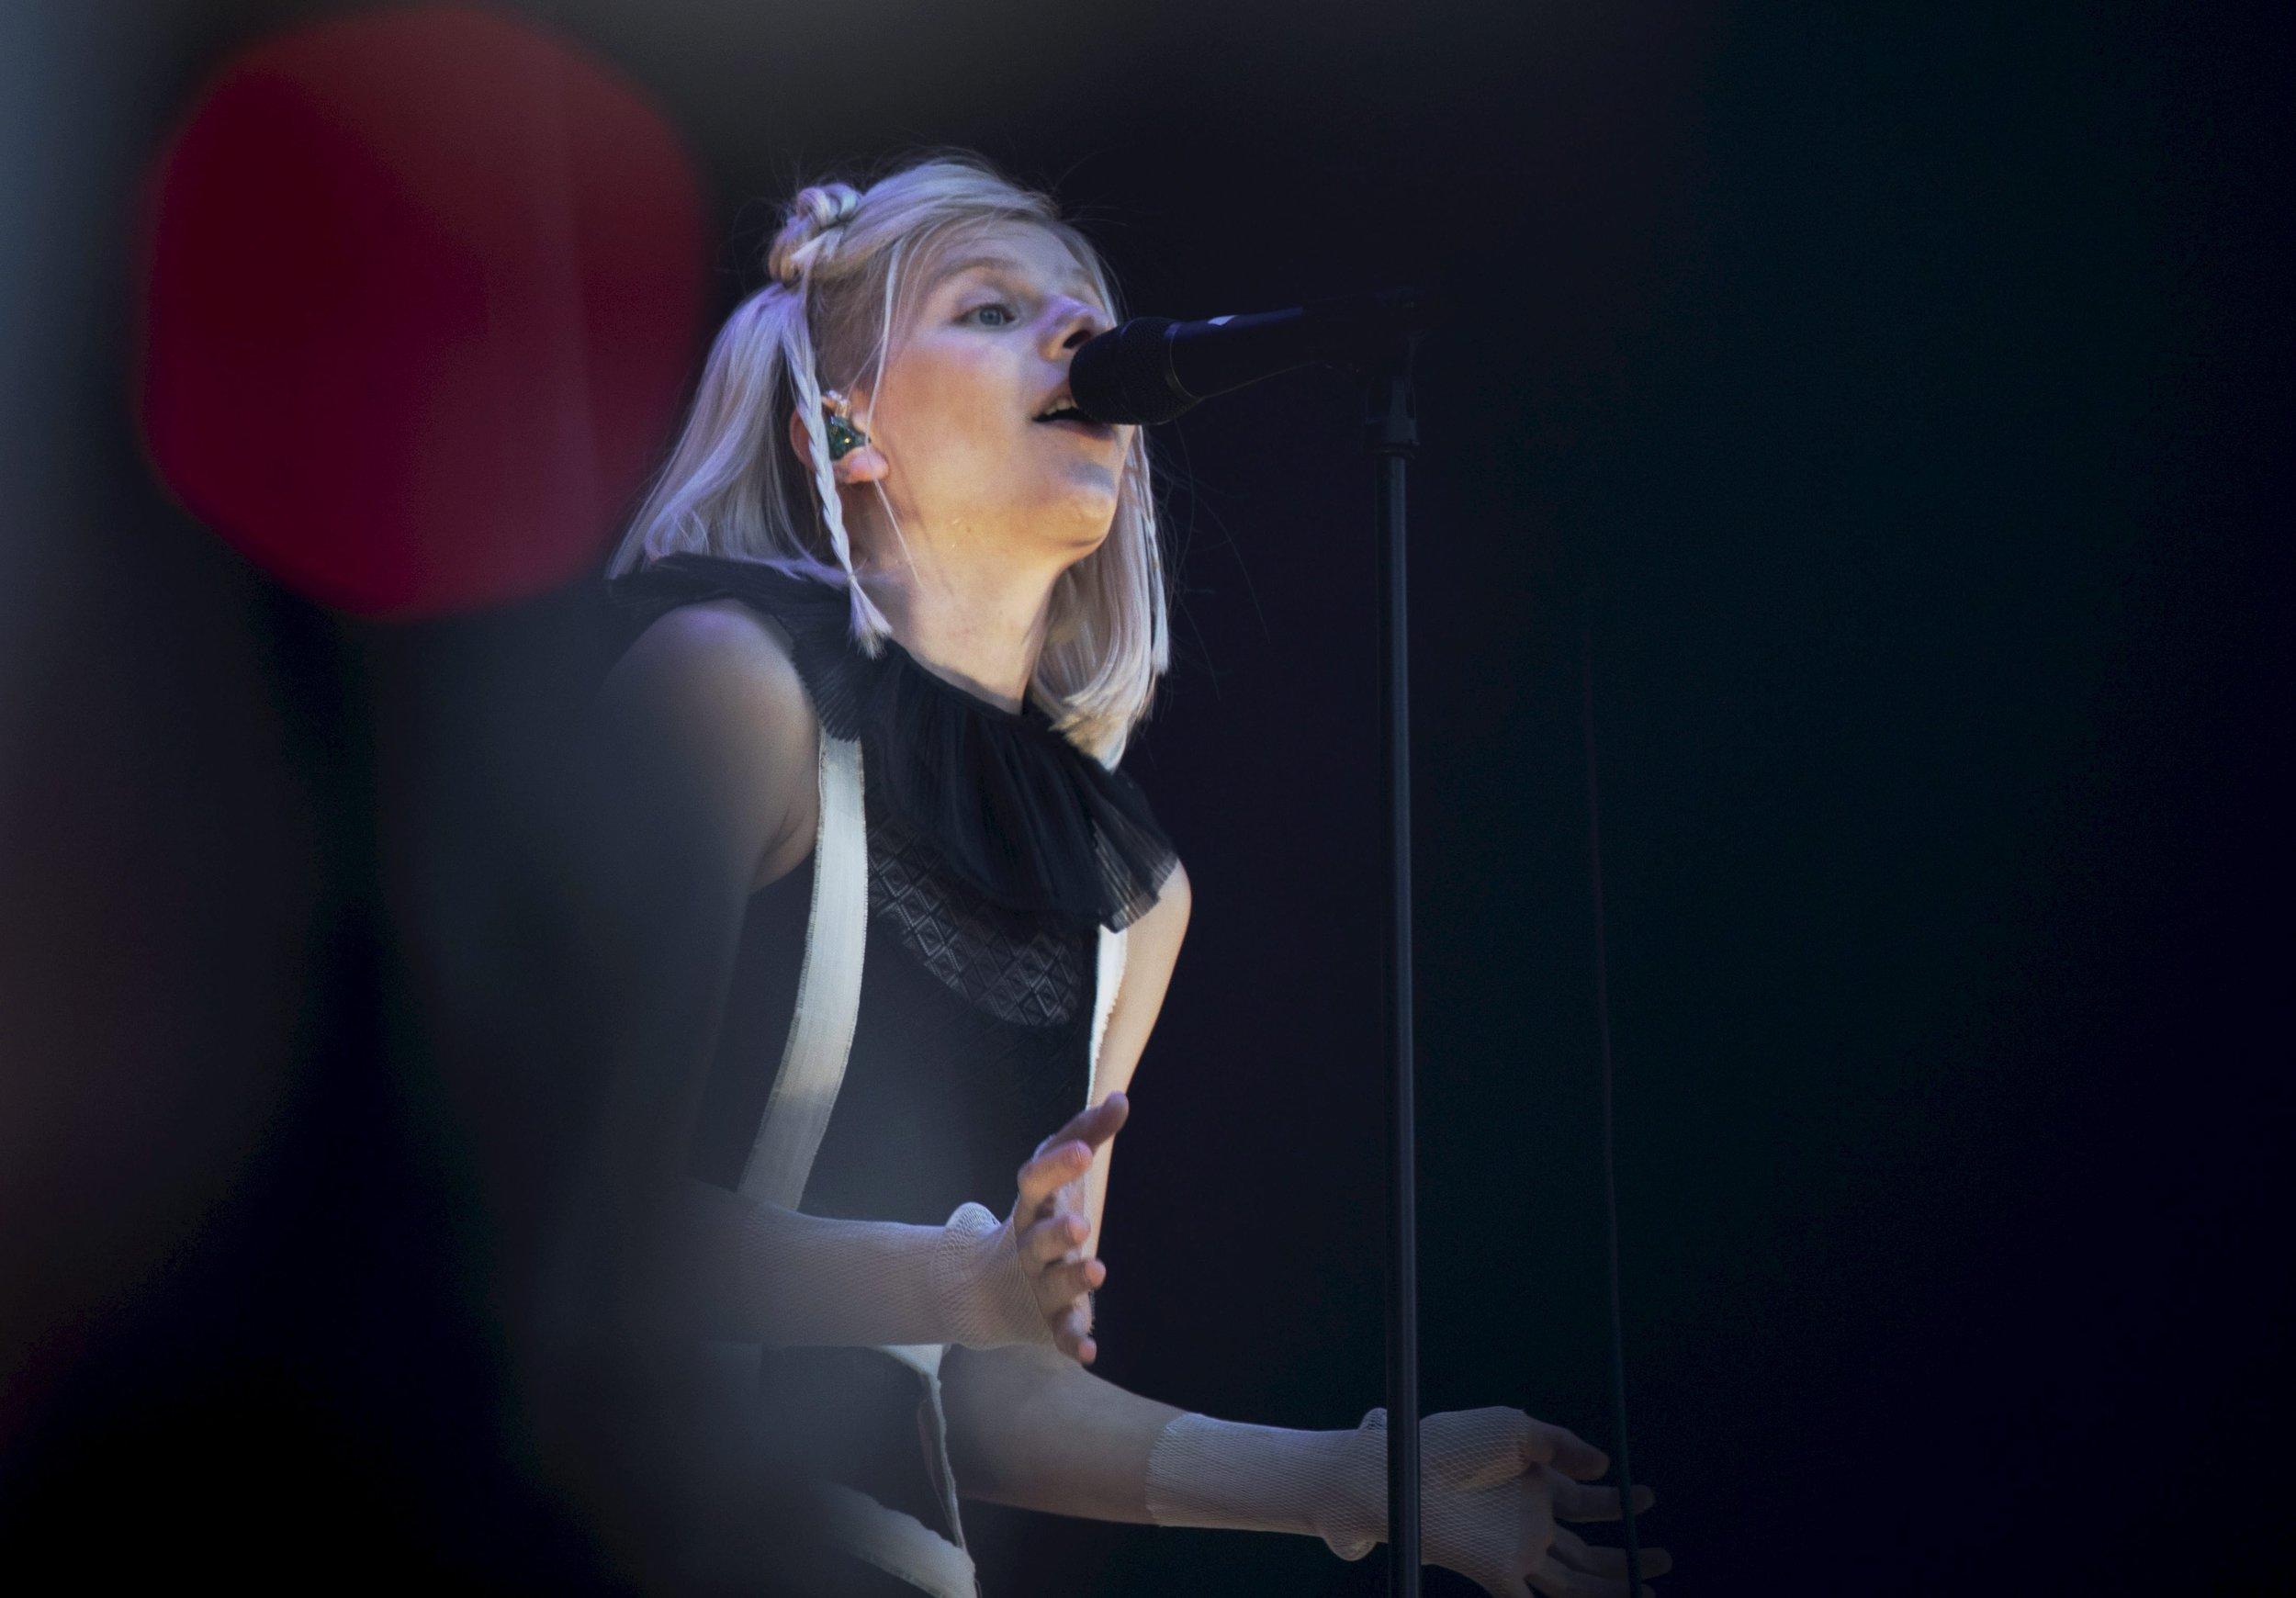 Singer Aurora